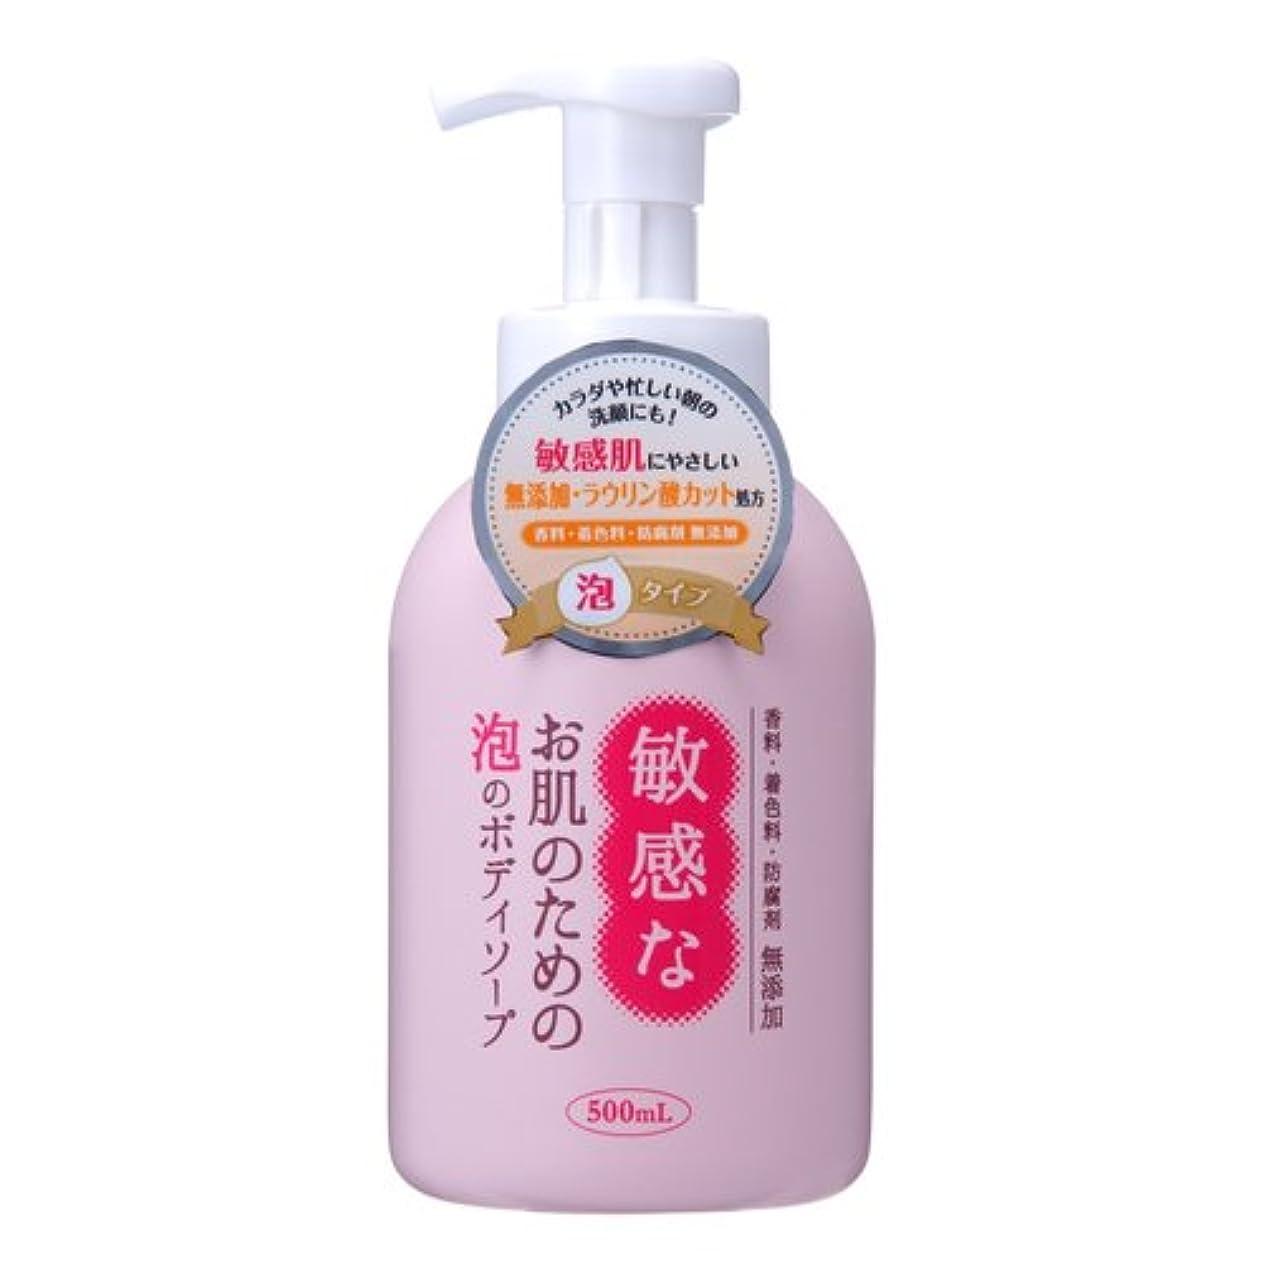 取る薄汚いエンゲージメント敏感なお肌のための泡のボディソープ 本体 500mL CBH-FB